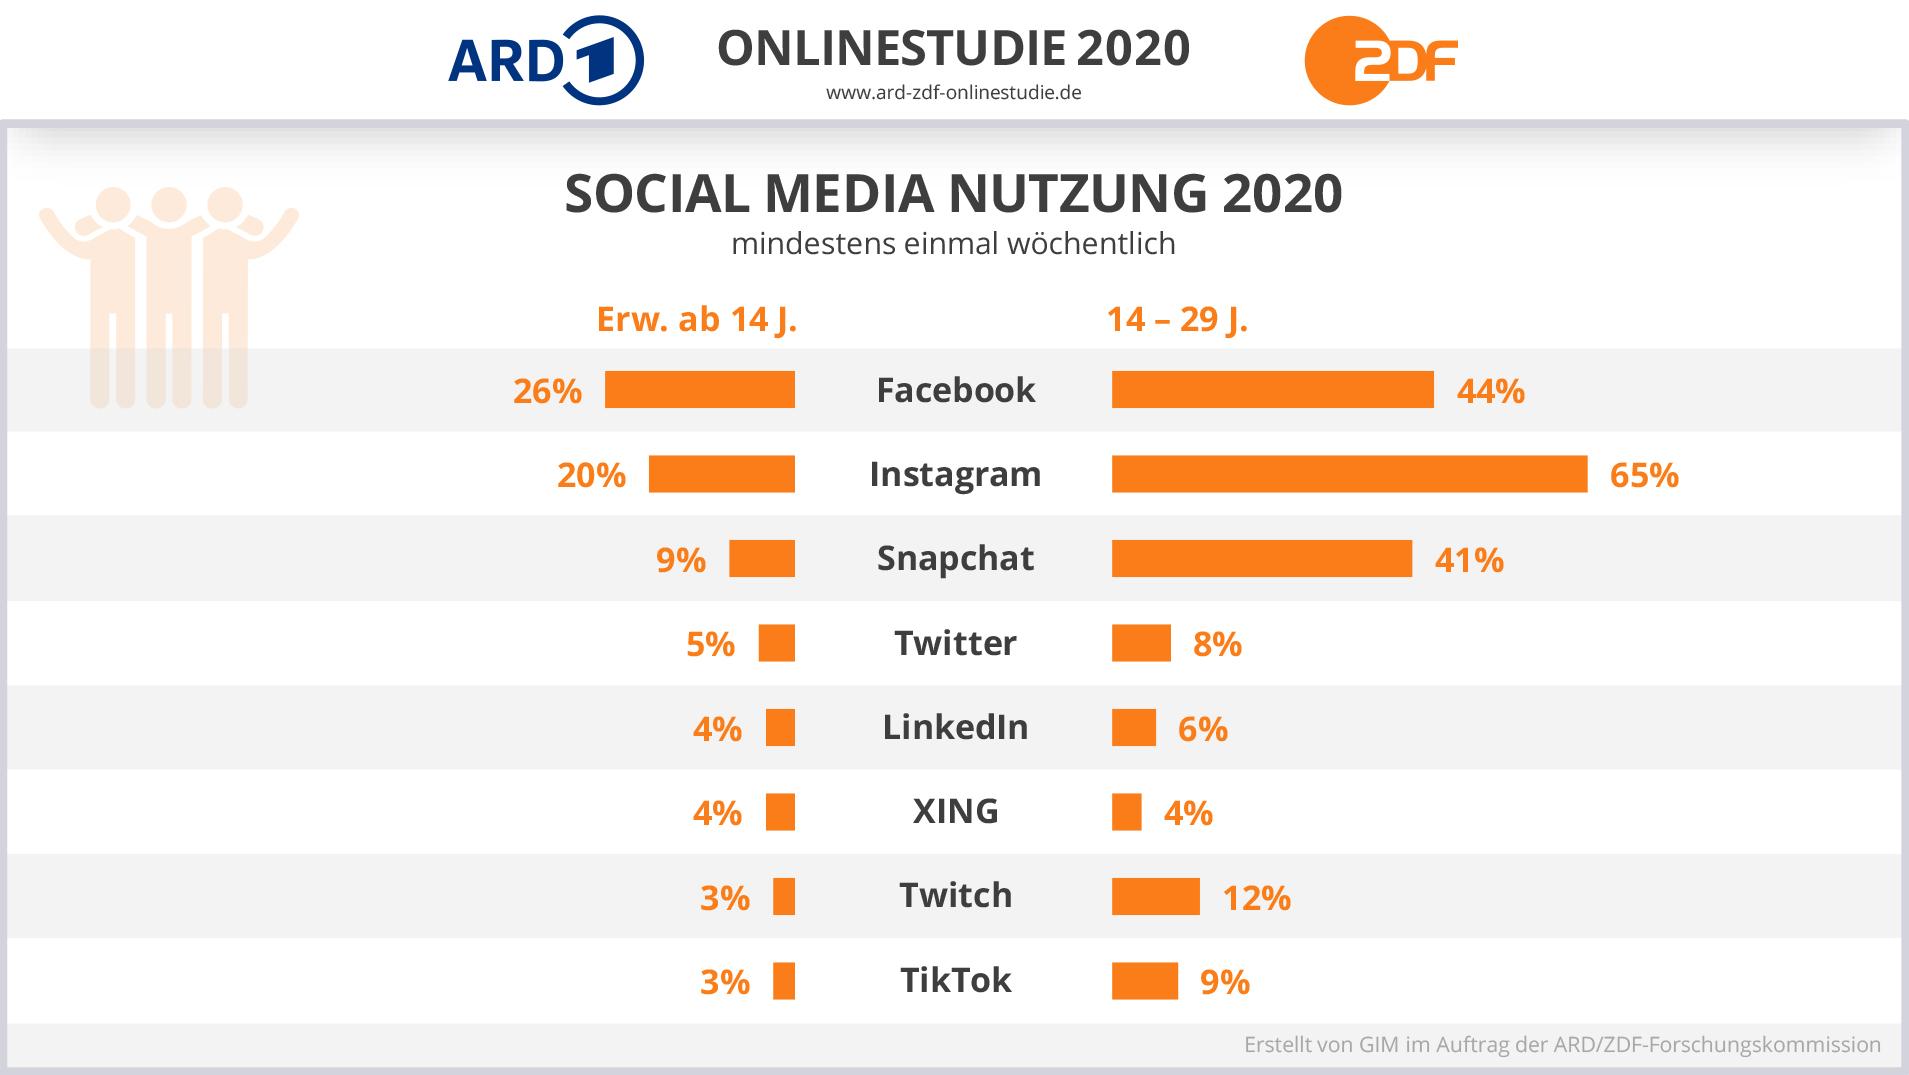 Social Media Nutzung 2020, Quelle: ARD/ZDF-Online-Studie